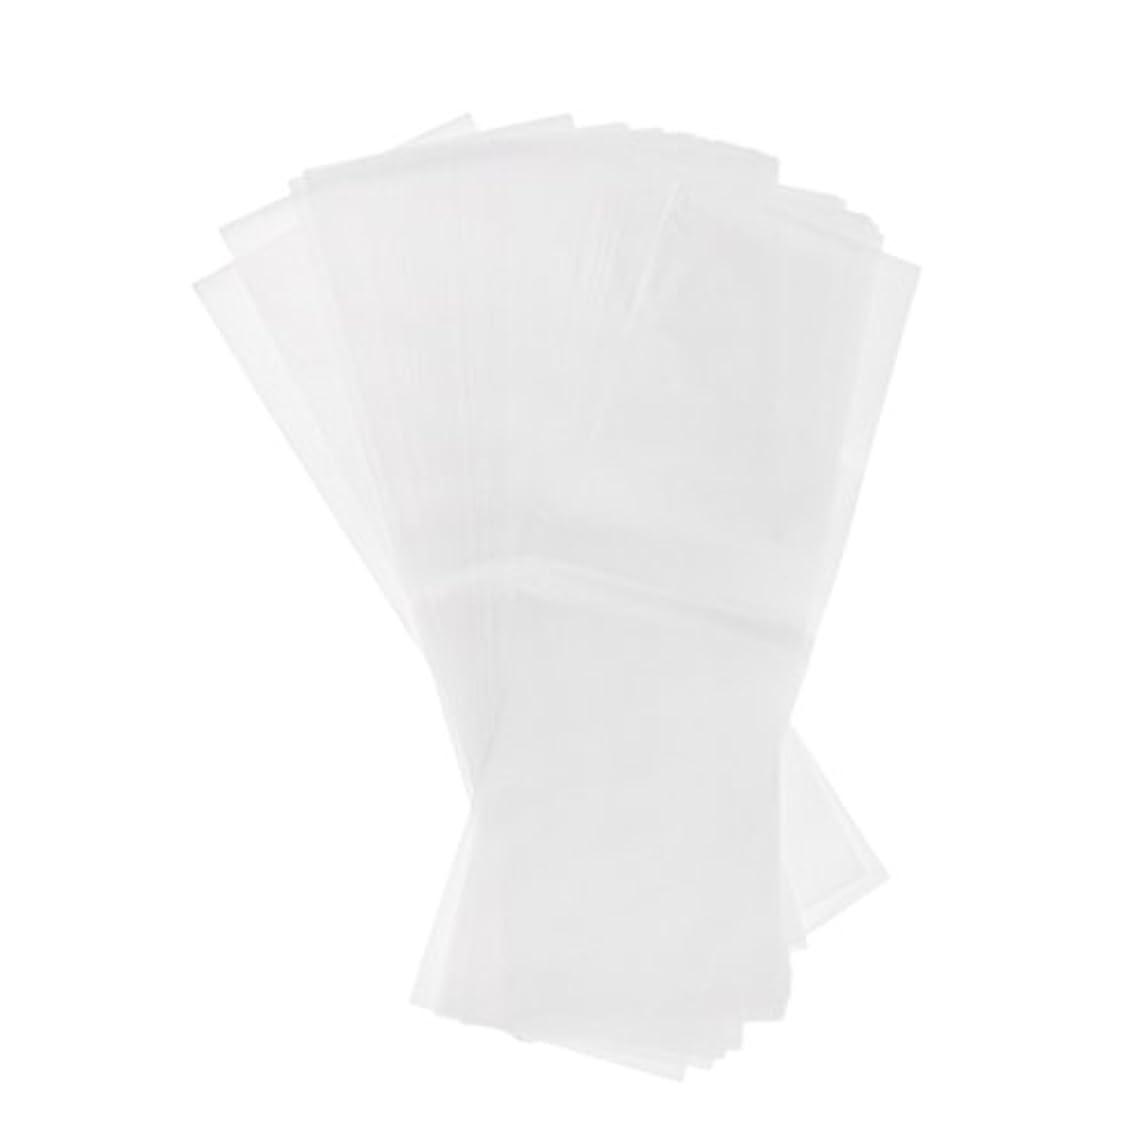 些細なペインギリック歴史的約100個 毛染め サロン プラスチック 染毛紙 色のハイライト 分離シート 再利用可能